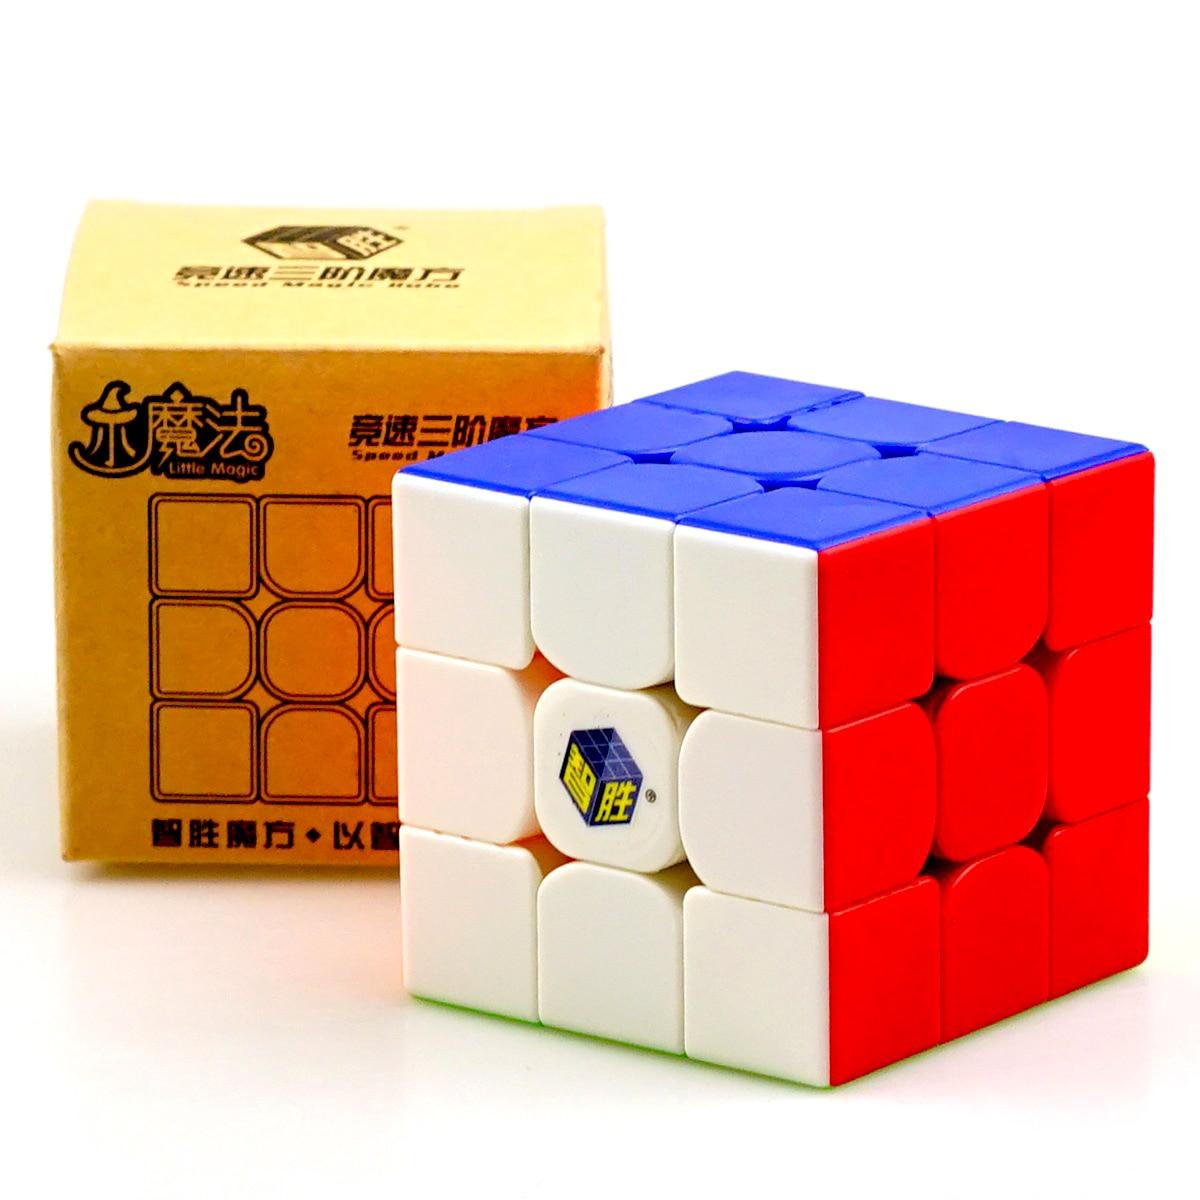 Little Stickerless Speed Cubes